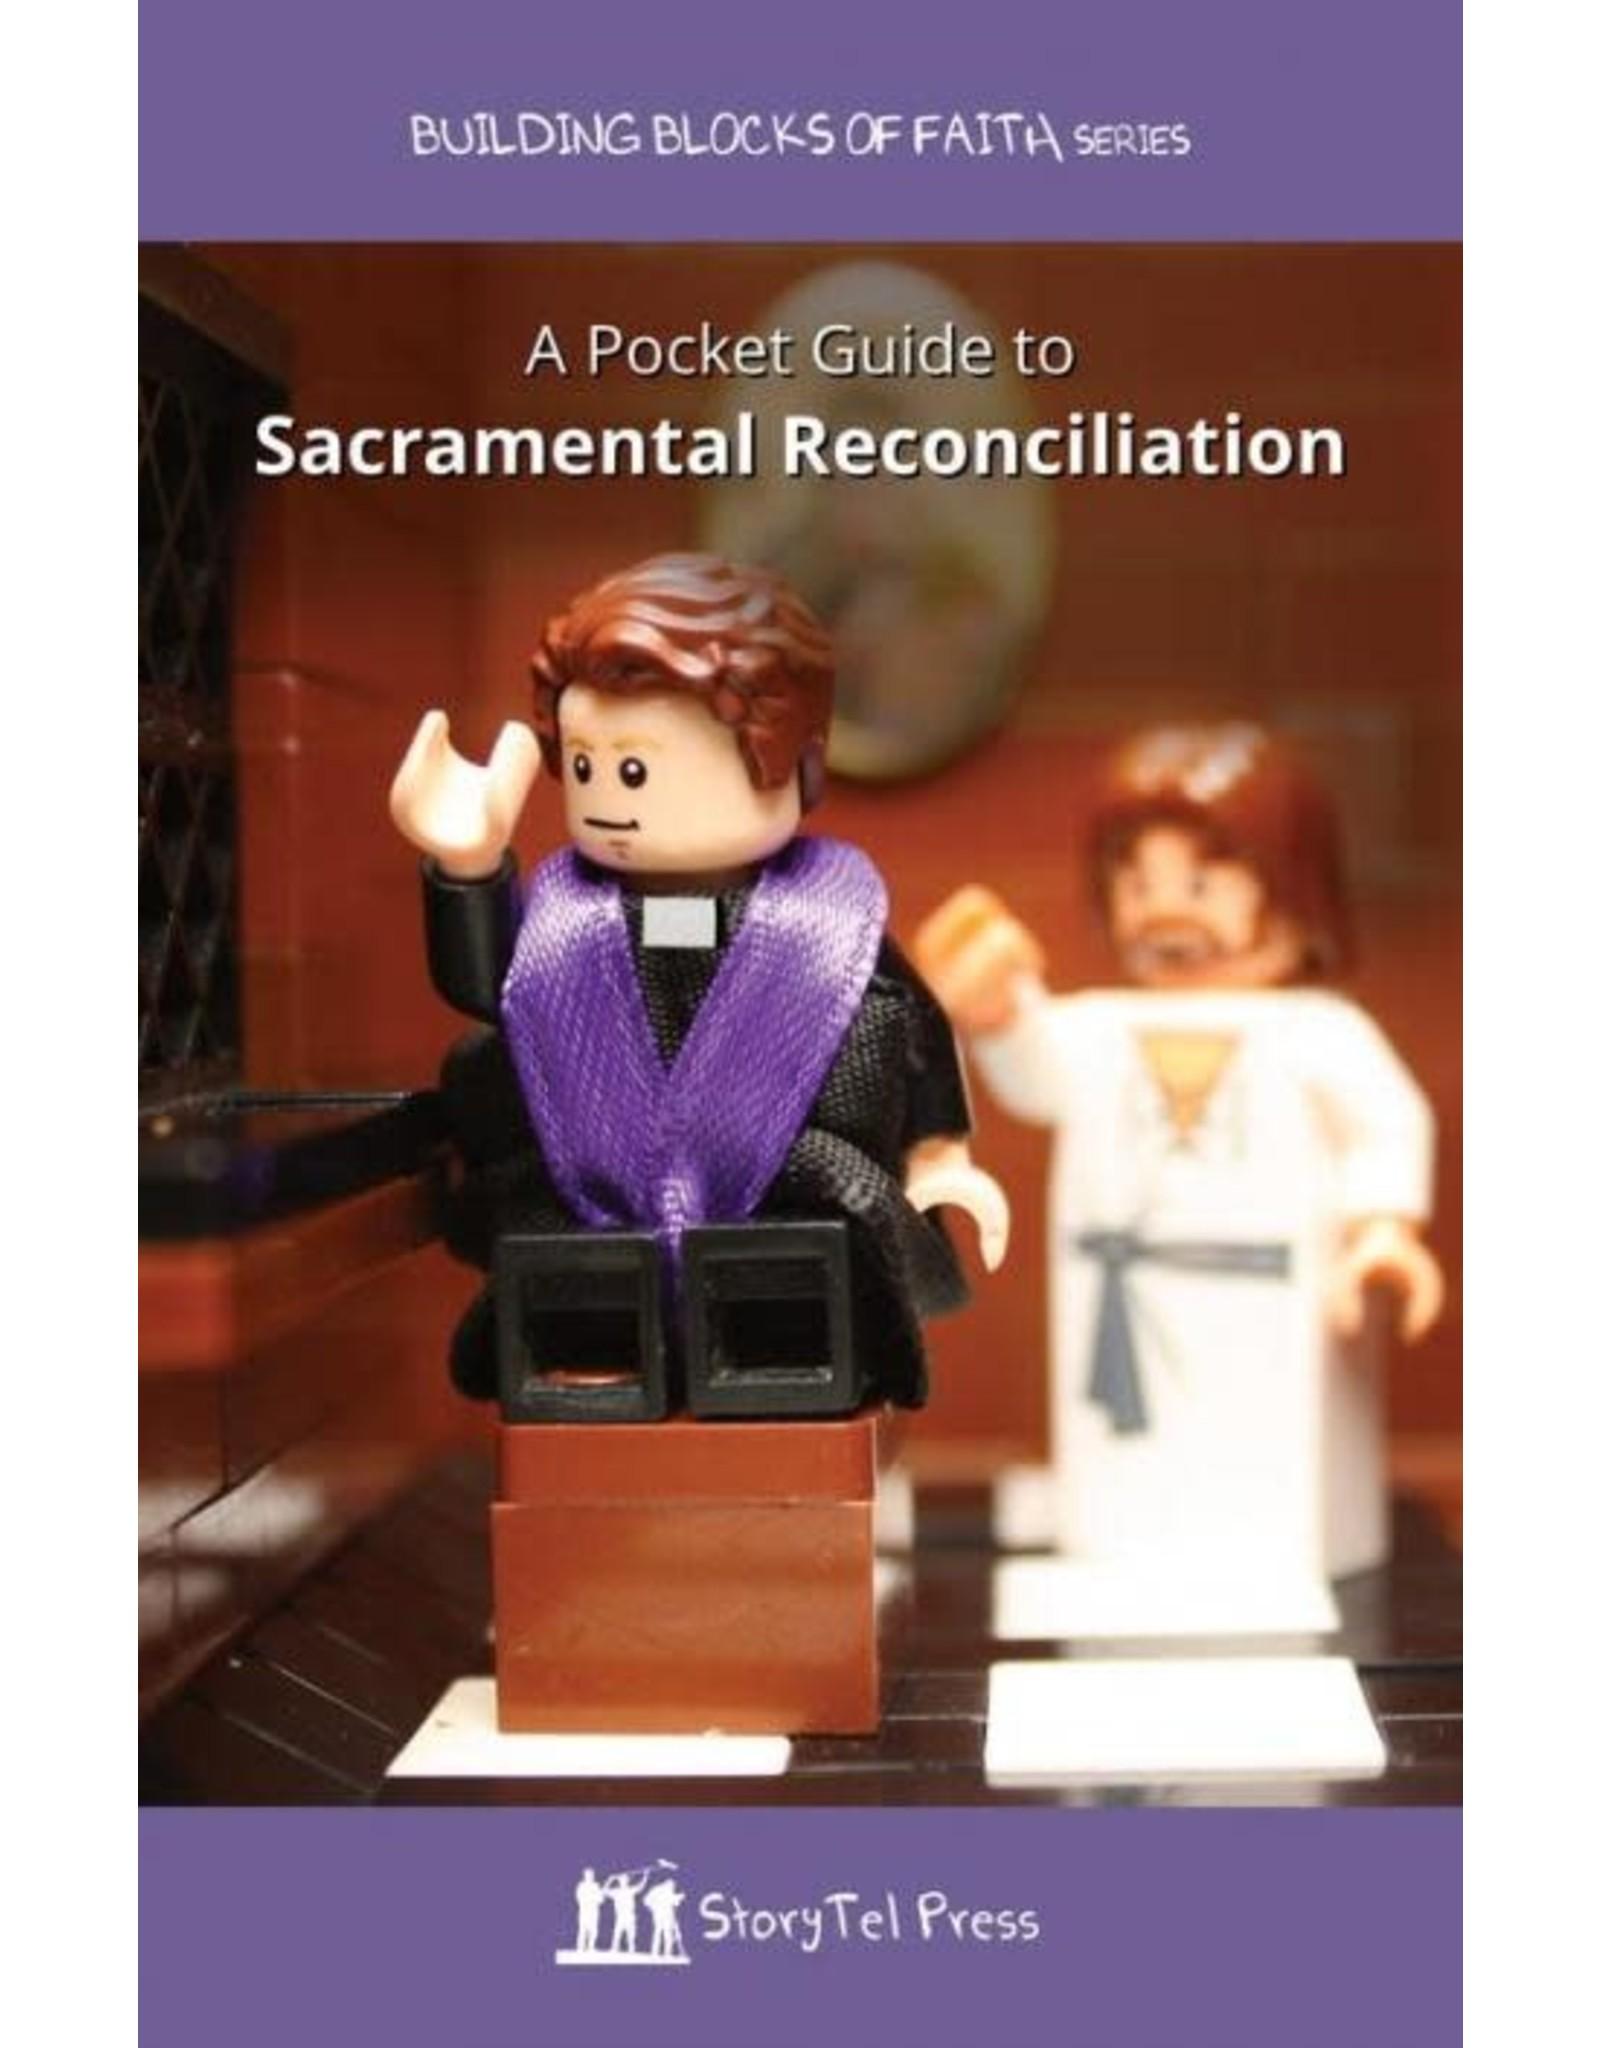 Pocket Guide to Sacramental Reconciliation